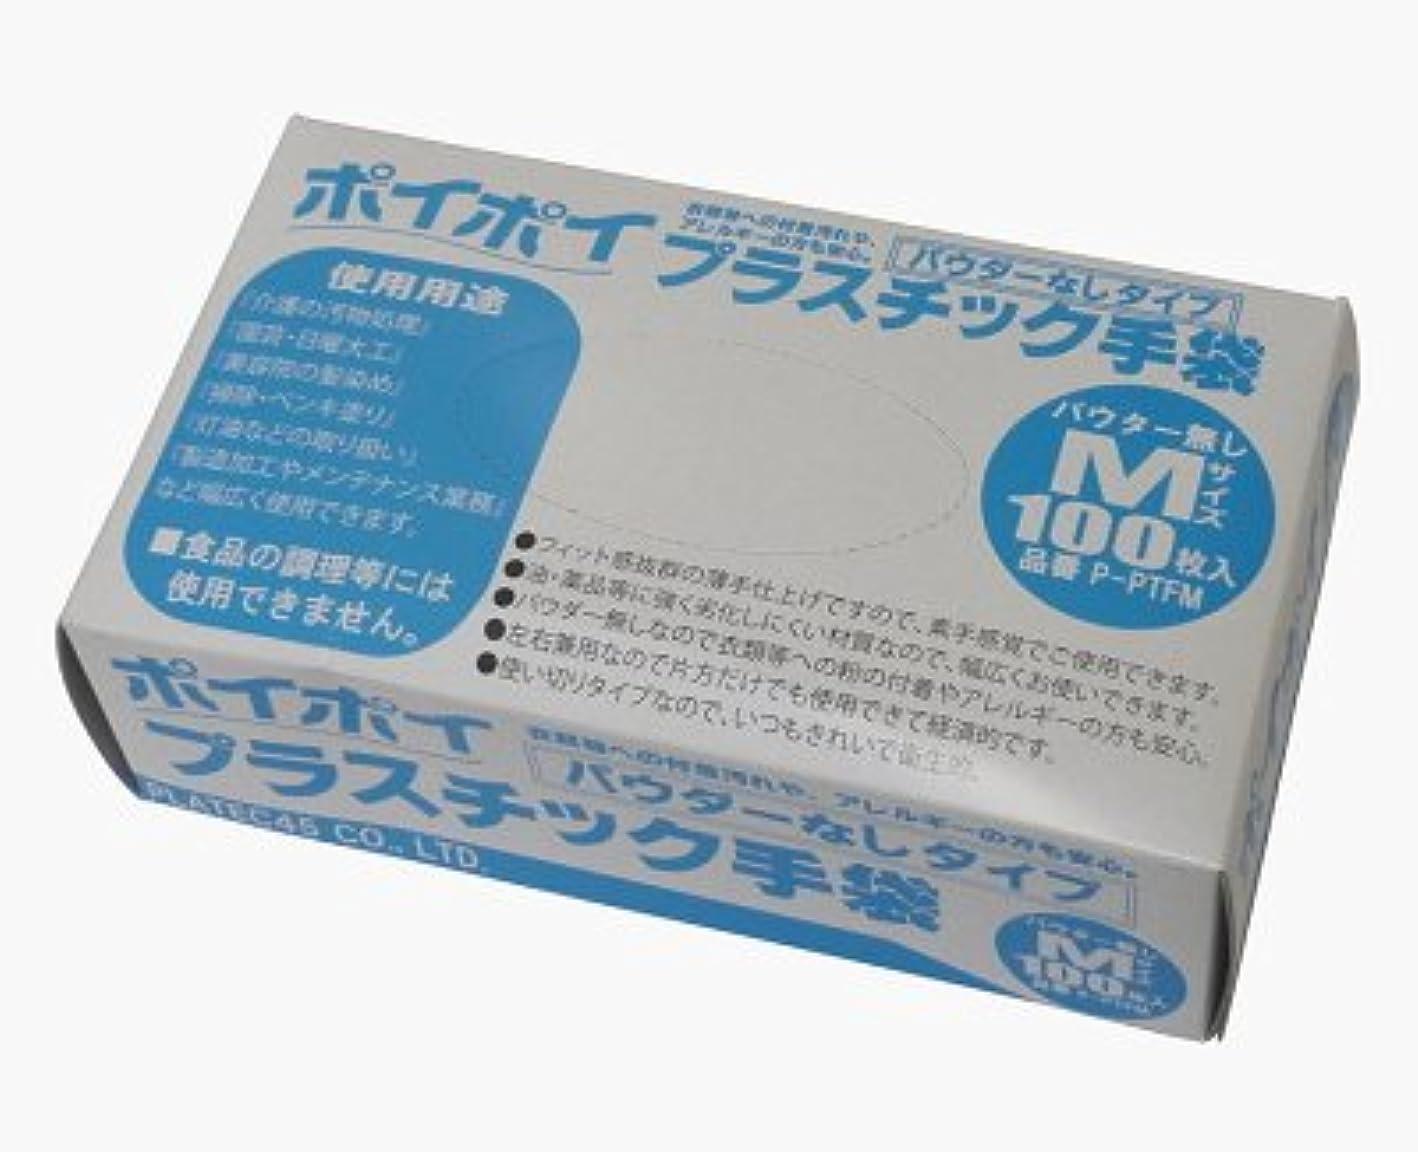 小康便益スリップ●●●プラテック45 プラスチックグローブパウダー無しM 100枚×20箱